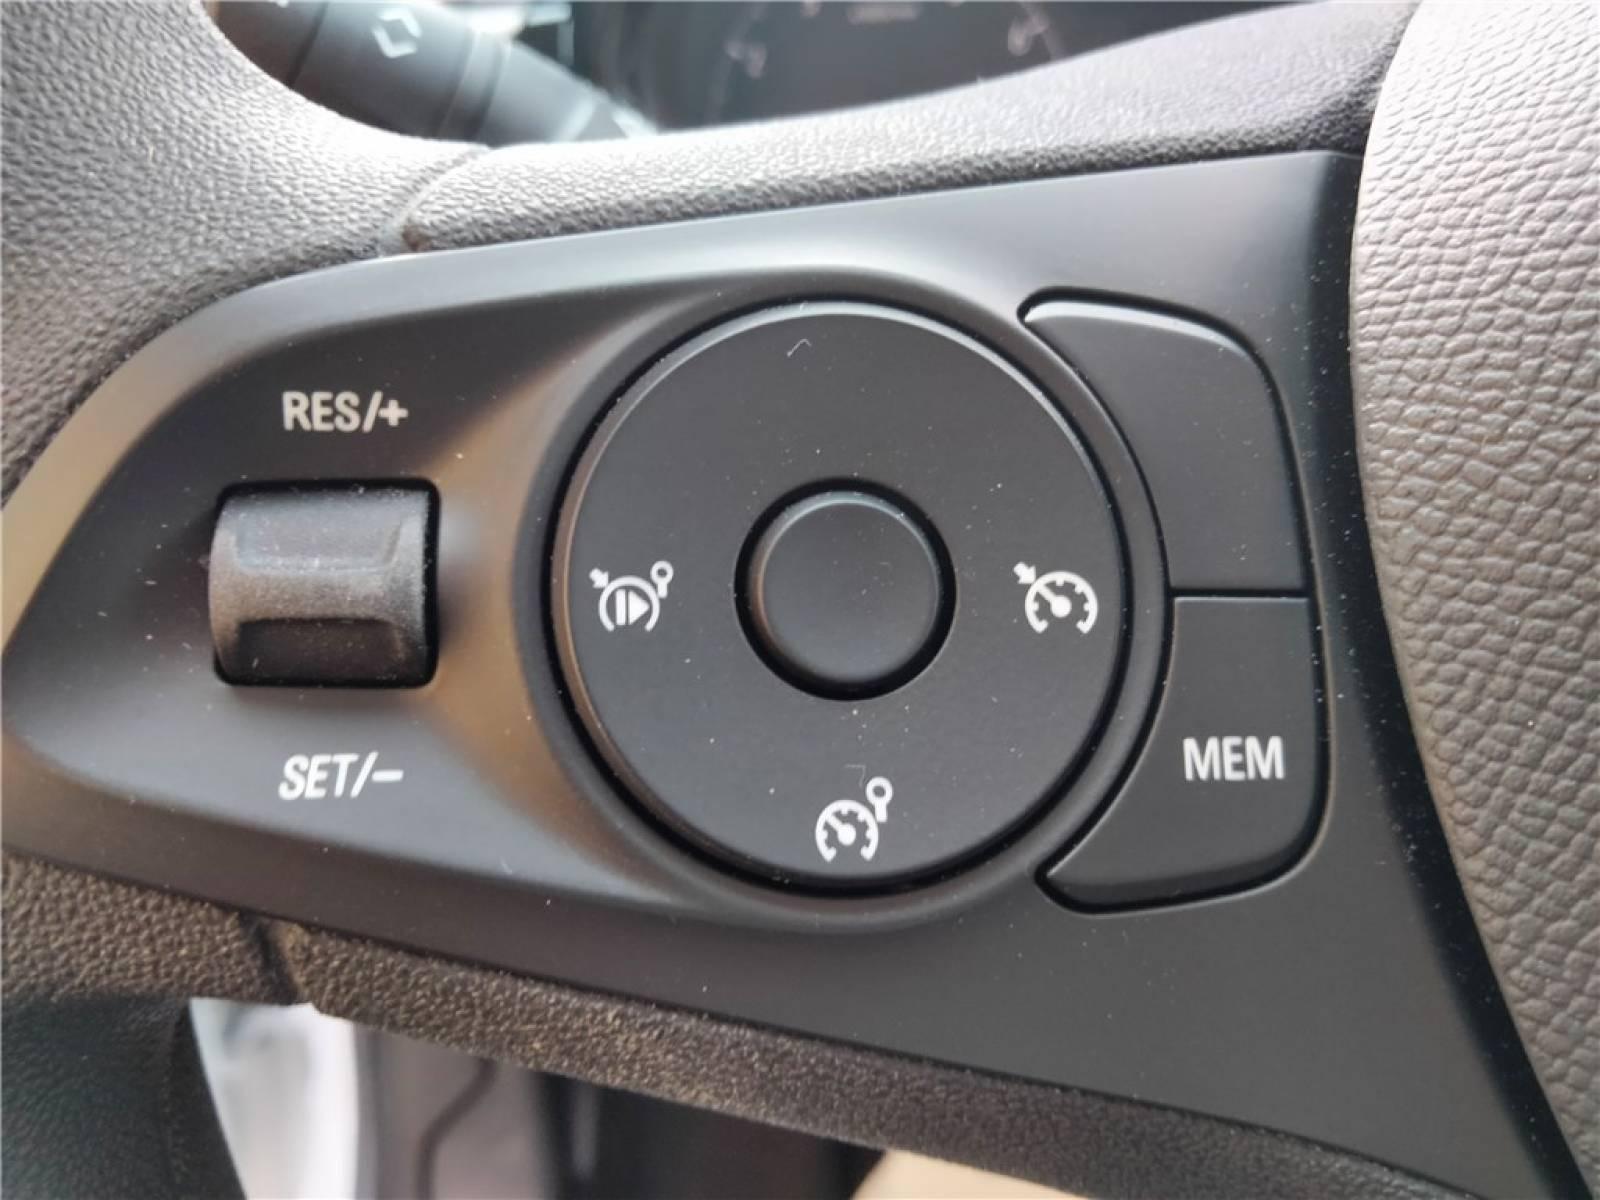 OPEL Corsa 1.2 75 ch BVM5 - véhicule d'occasion - Groupe Guillet - Opel Magicauto - Chalon-sur-Saône - 71380 - Saint-Marcel - 21